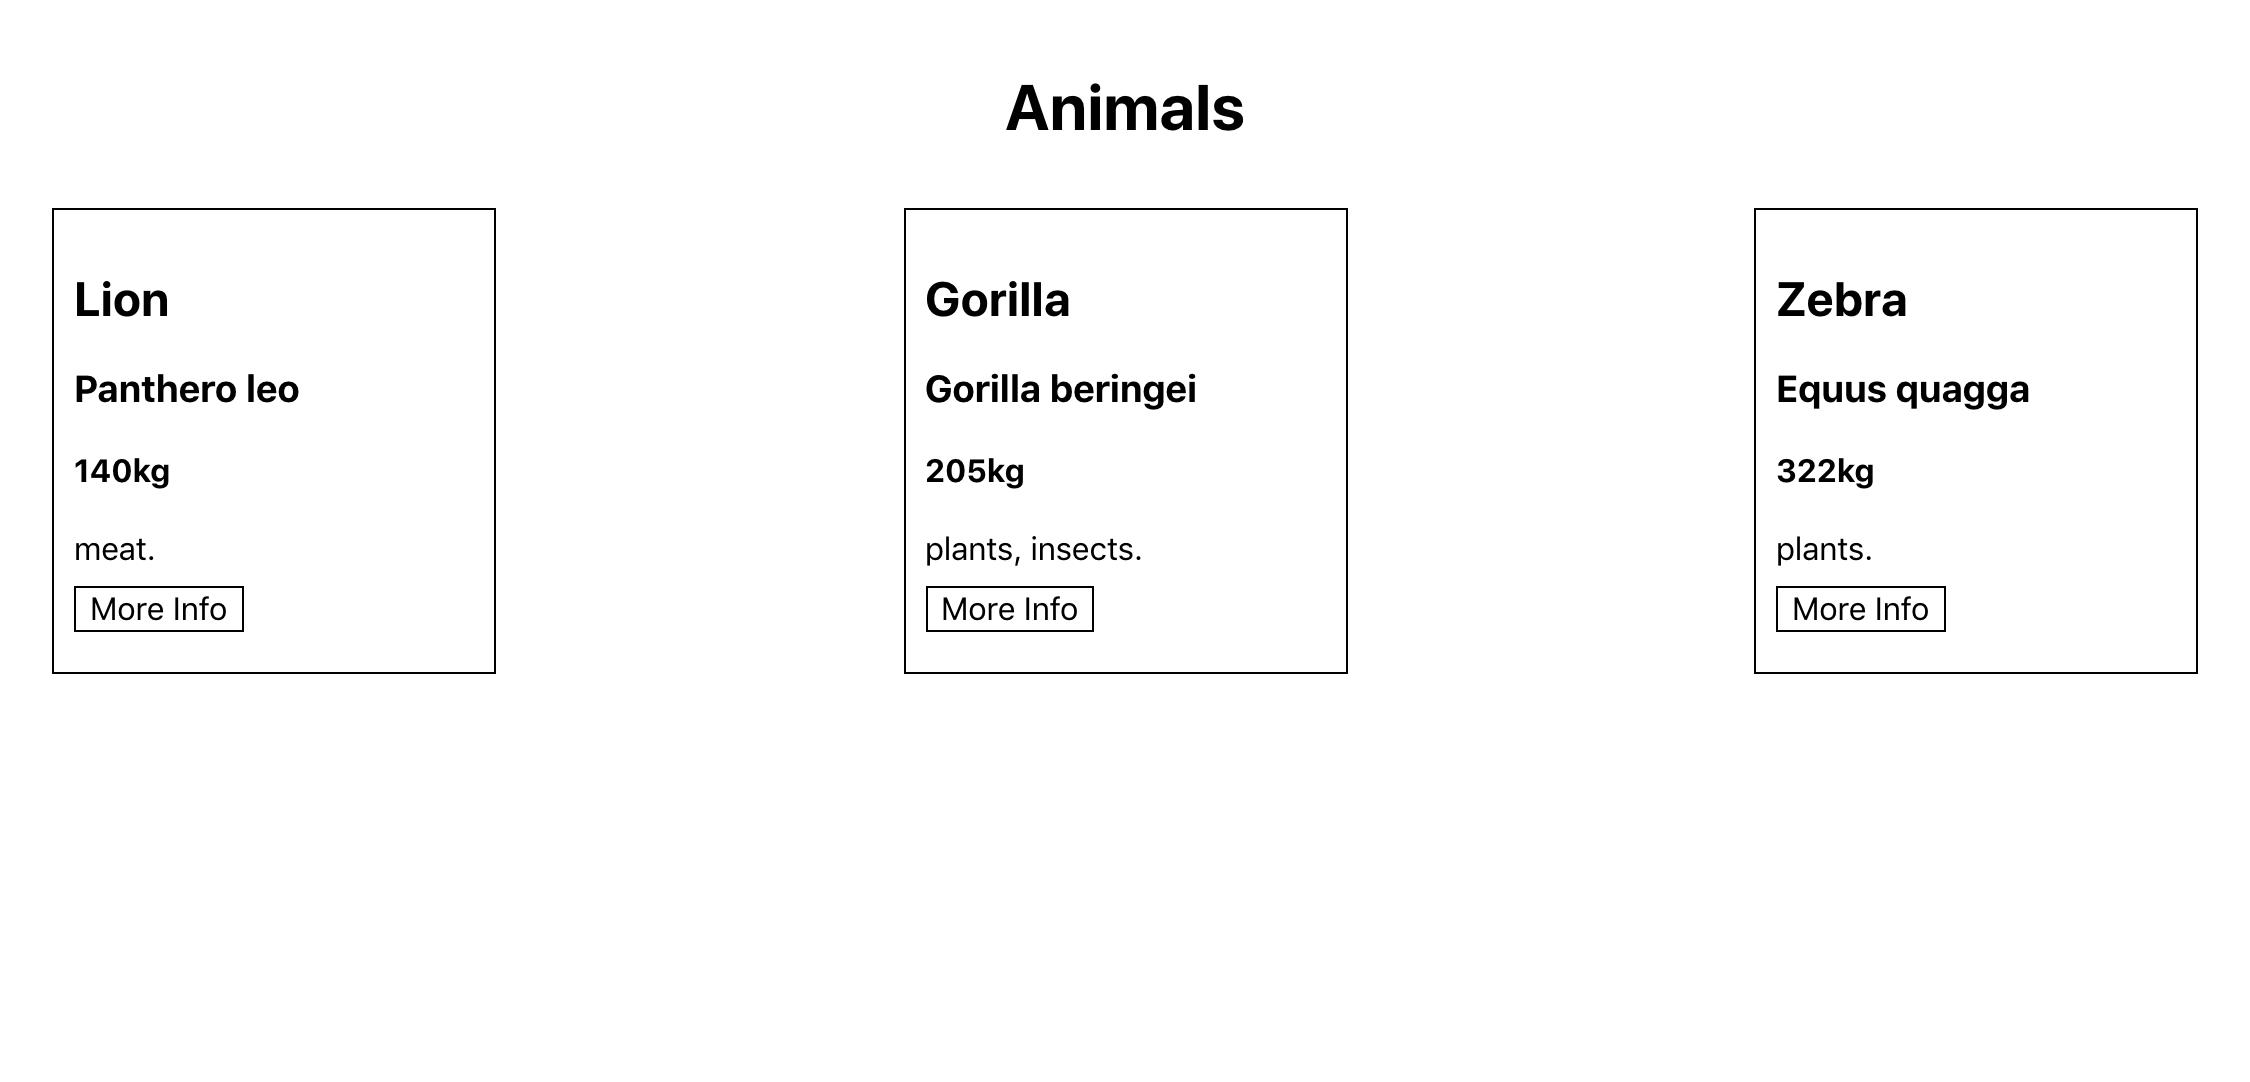 Проект React с добавленными стилями для карточек животных